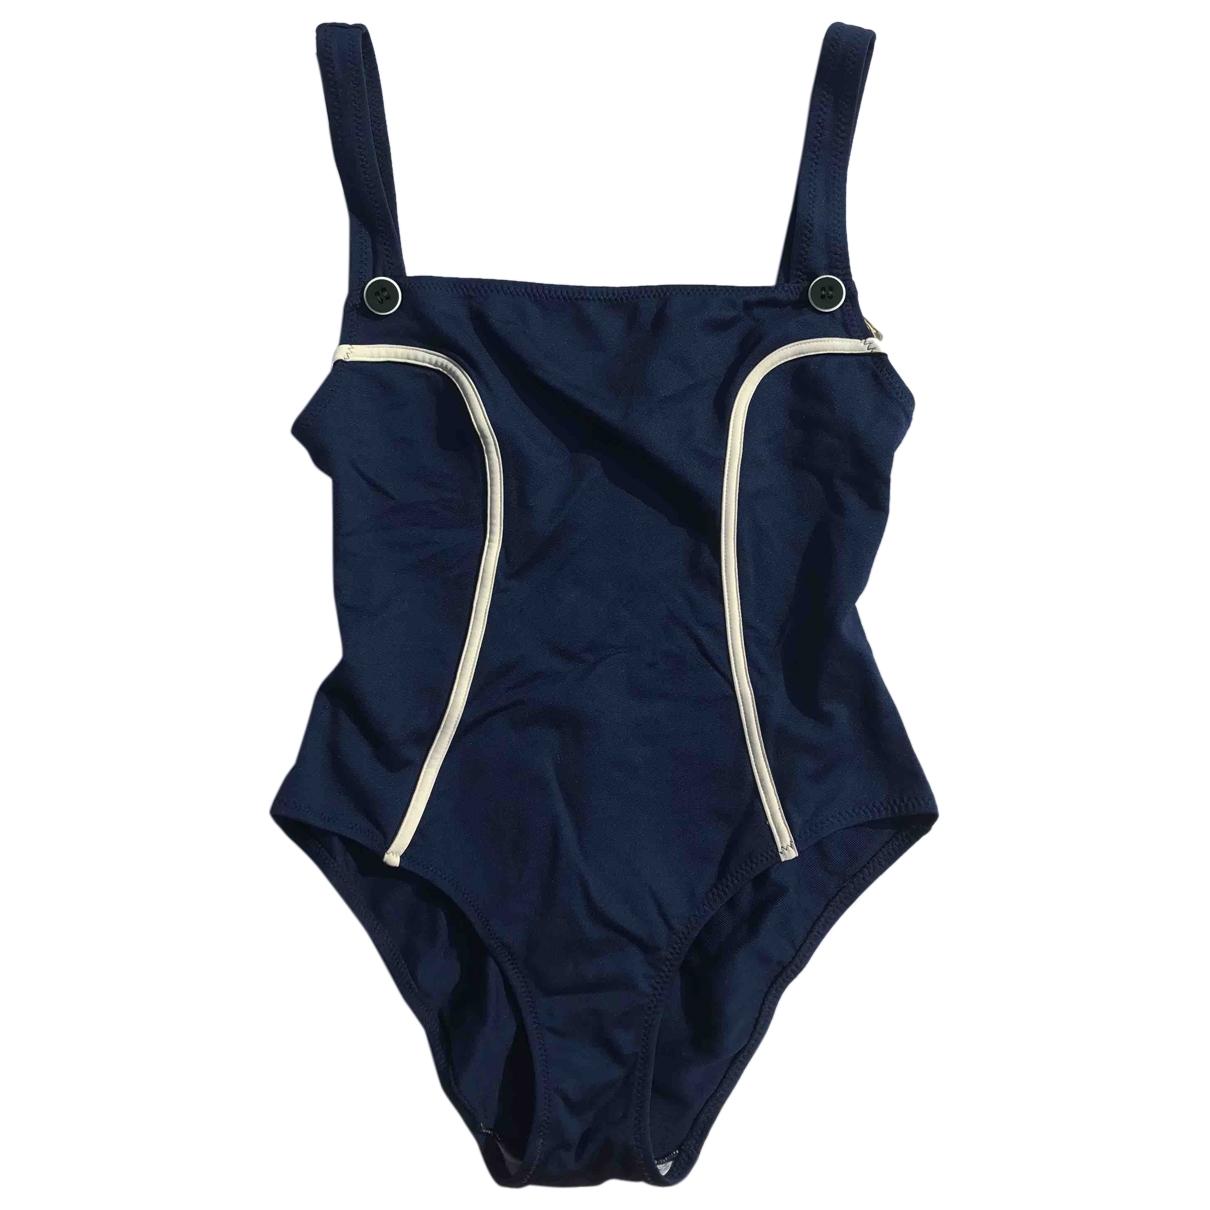 Cacharel \N Badeanzug in  Blau Polyester